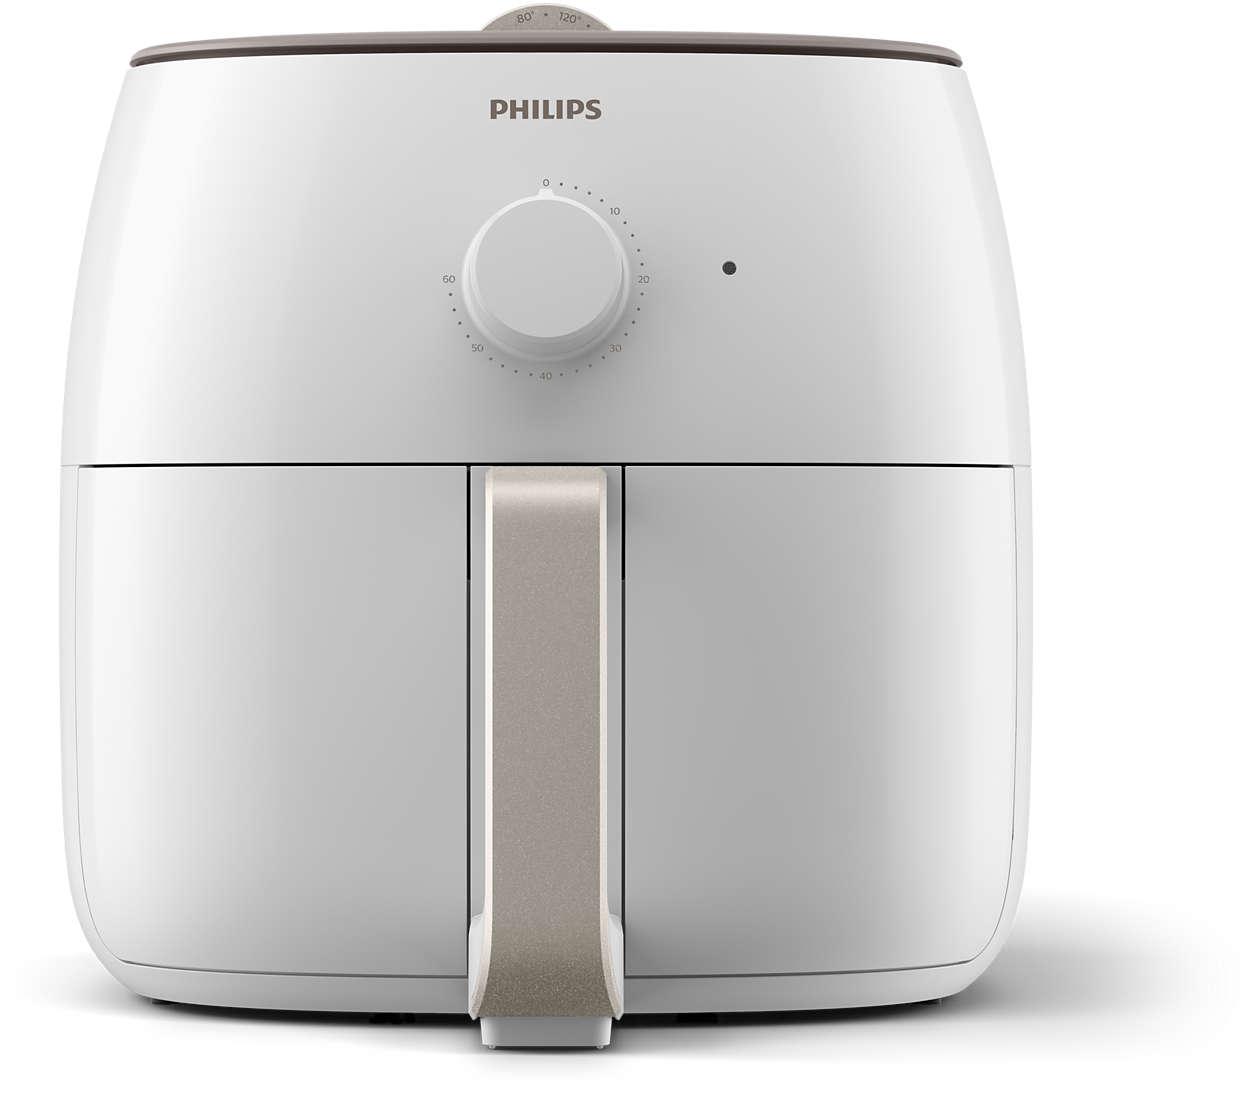 فيليبس قدر قلي اكس اكس ال 1400 غرام، قدرة 2225 واط، أبيض - HD9630/24